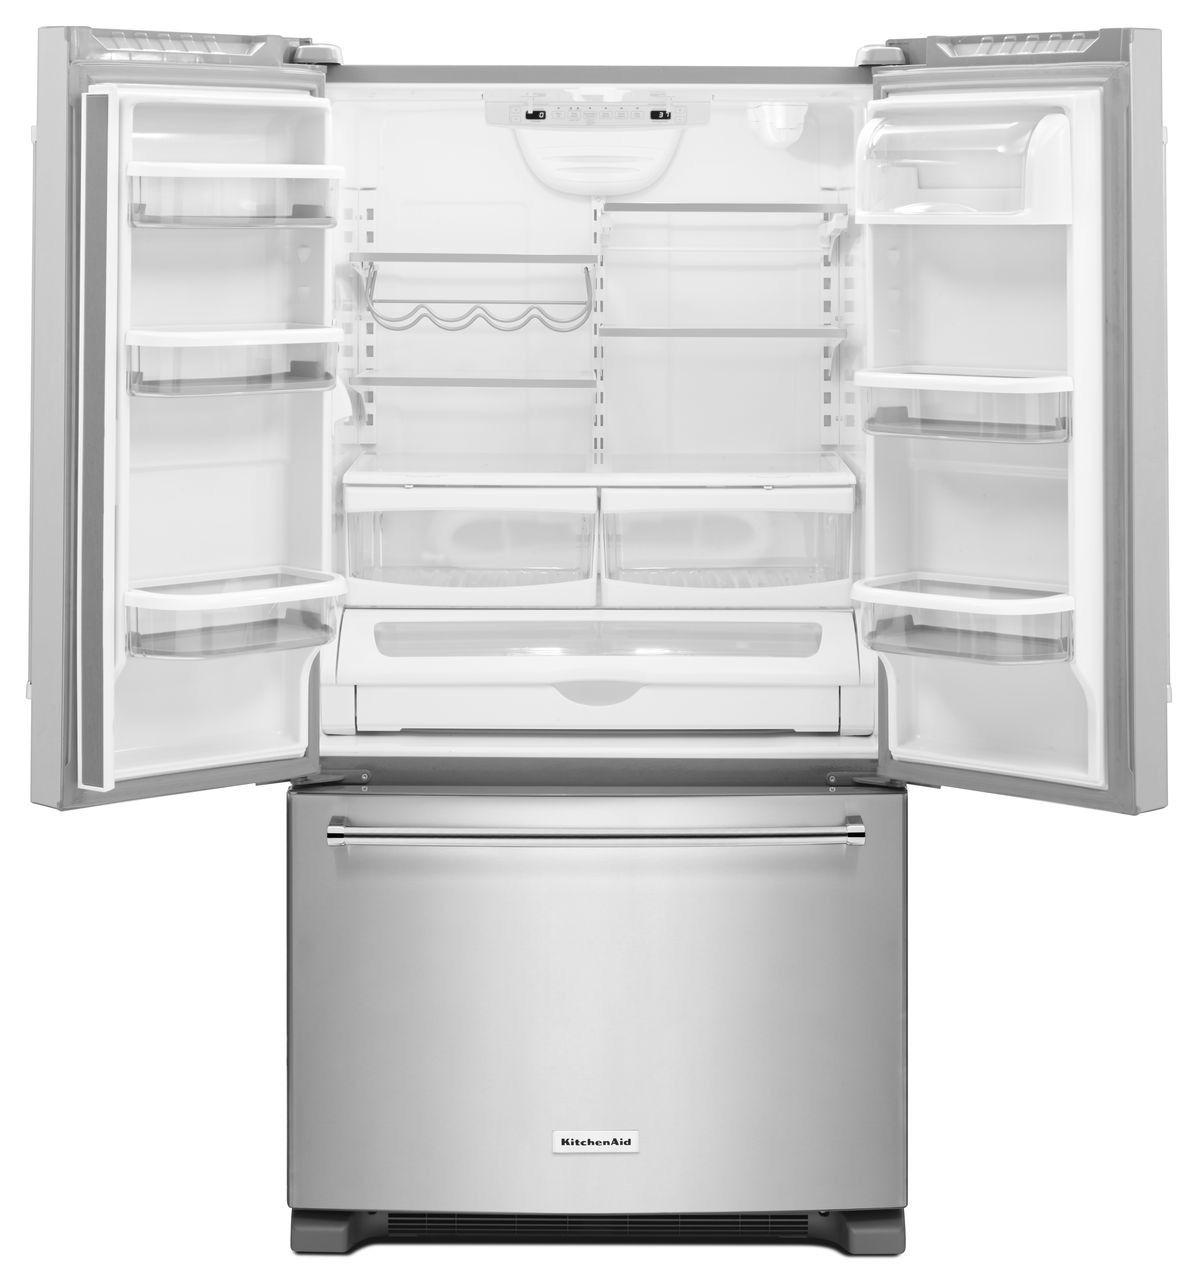 KitchenAid 25 CuFt French Door Refrigerator - KRFF305ESS